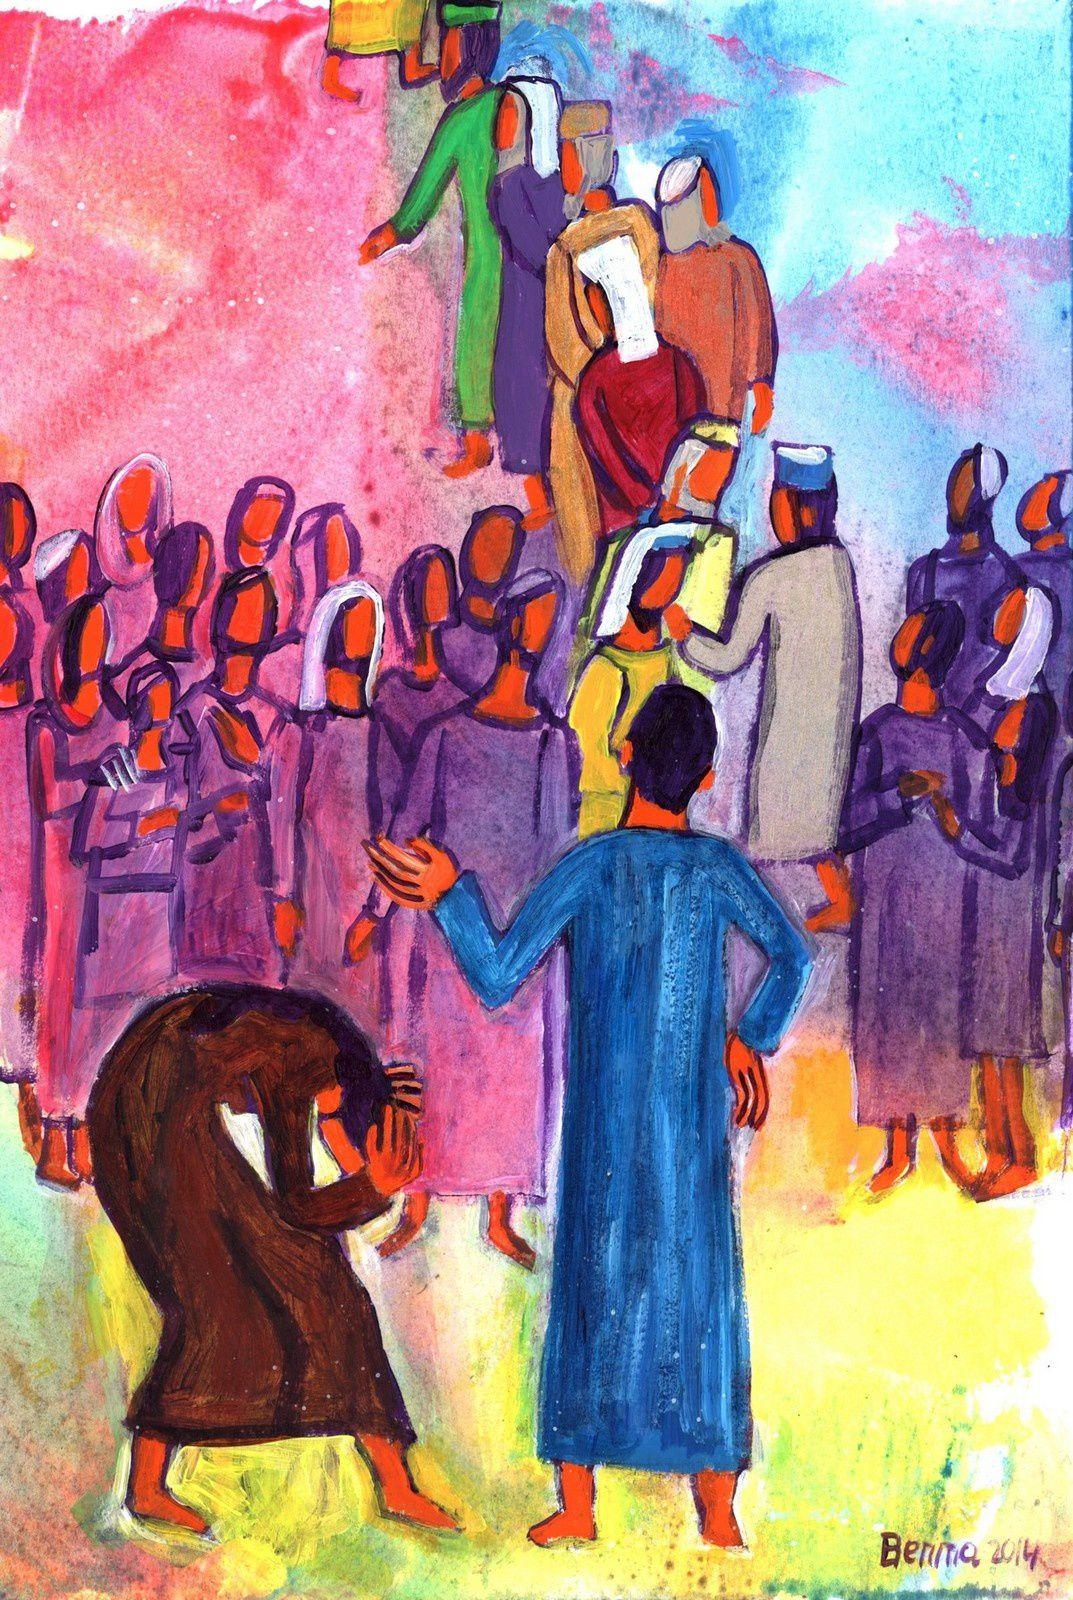 Le scandale de la miséricorde de Dieu est qu'elle est refusée par celui qui se considère juste, alors qu'elle est accueillie par ceux qui se reconnaissent pécheurs.